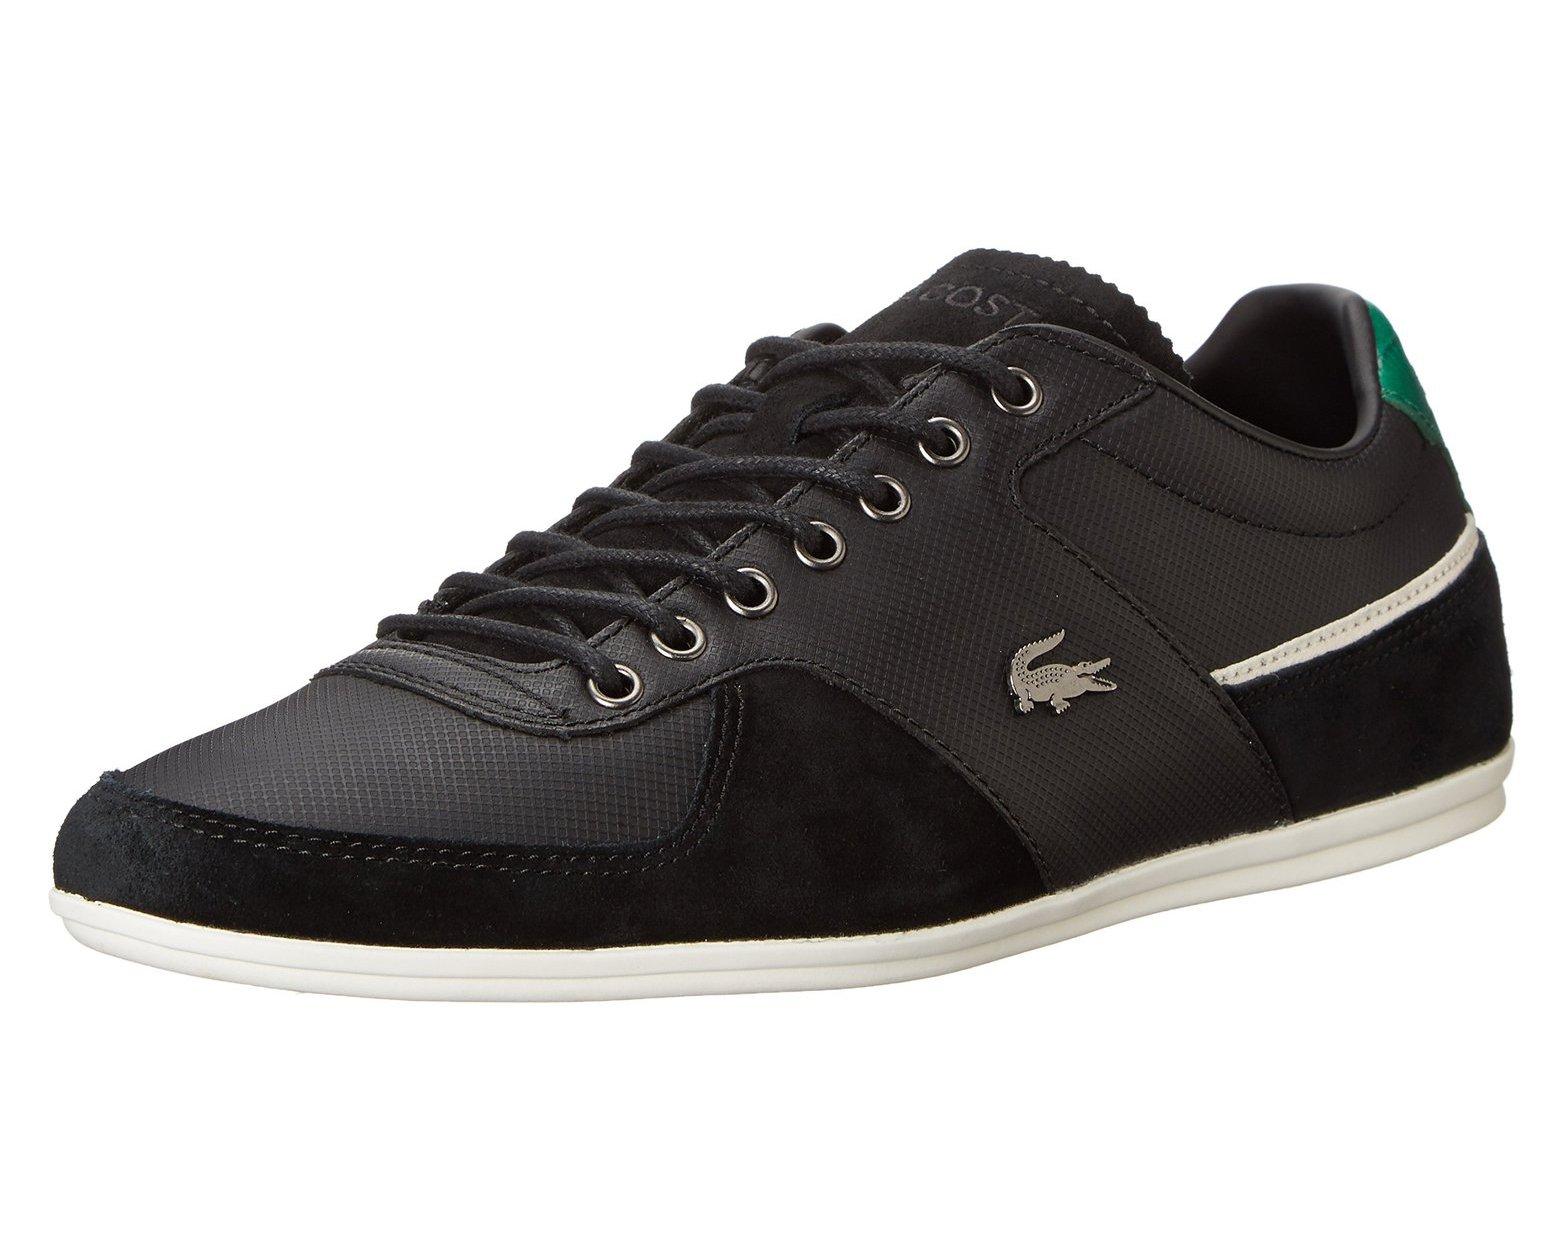 Lacoste Men's Taloire 16 Fashion Sneaker, Black, 11 M US